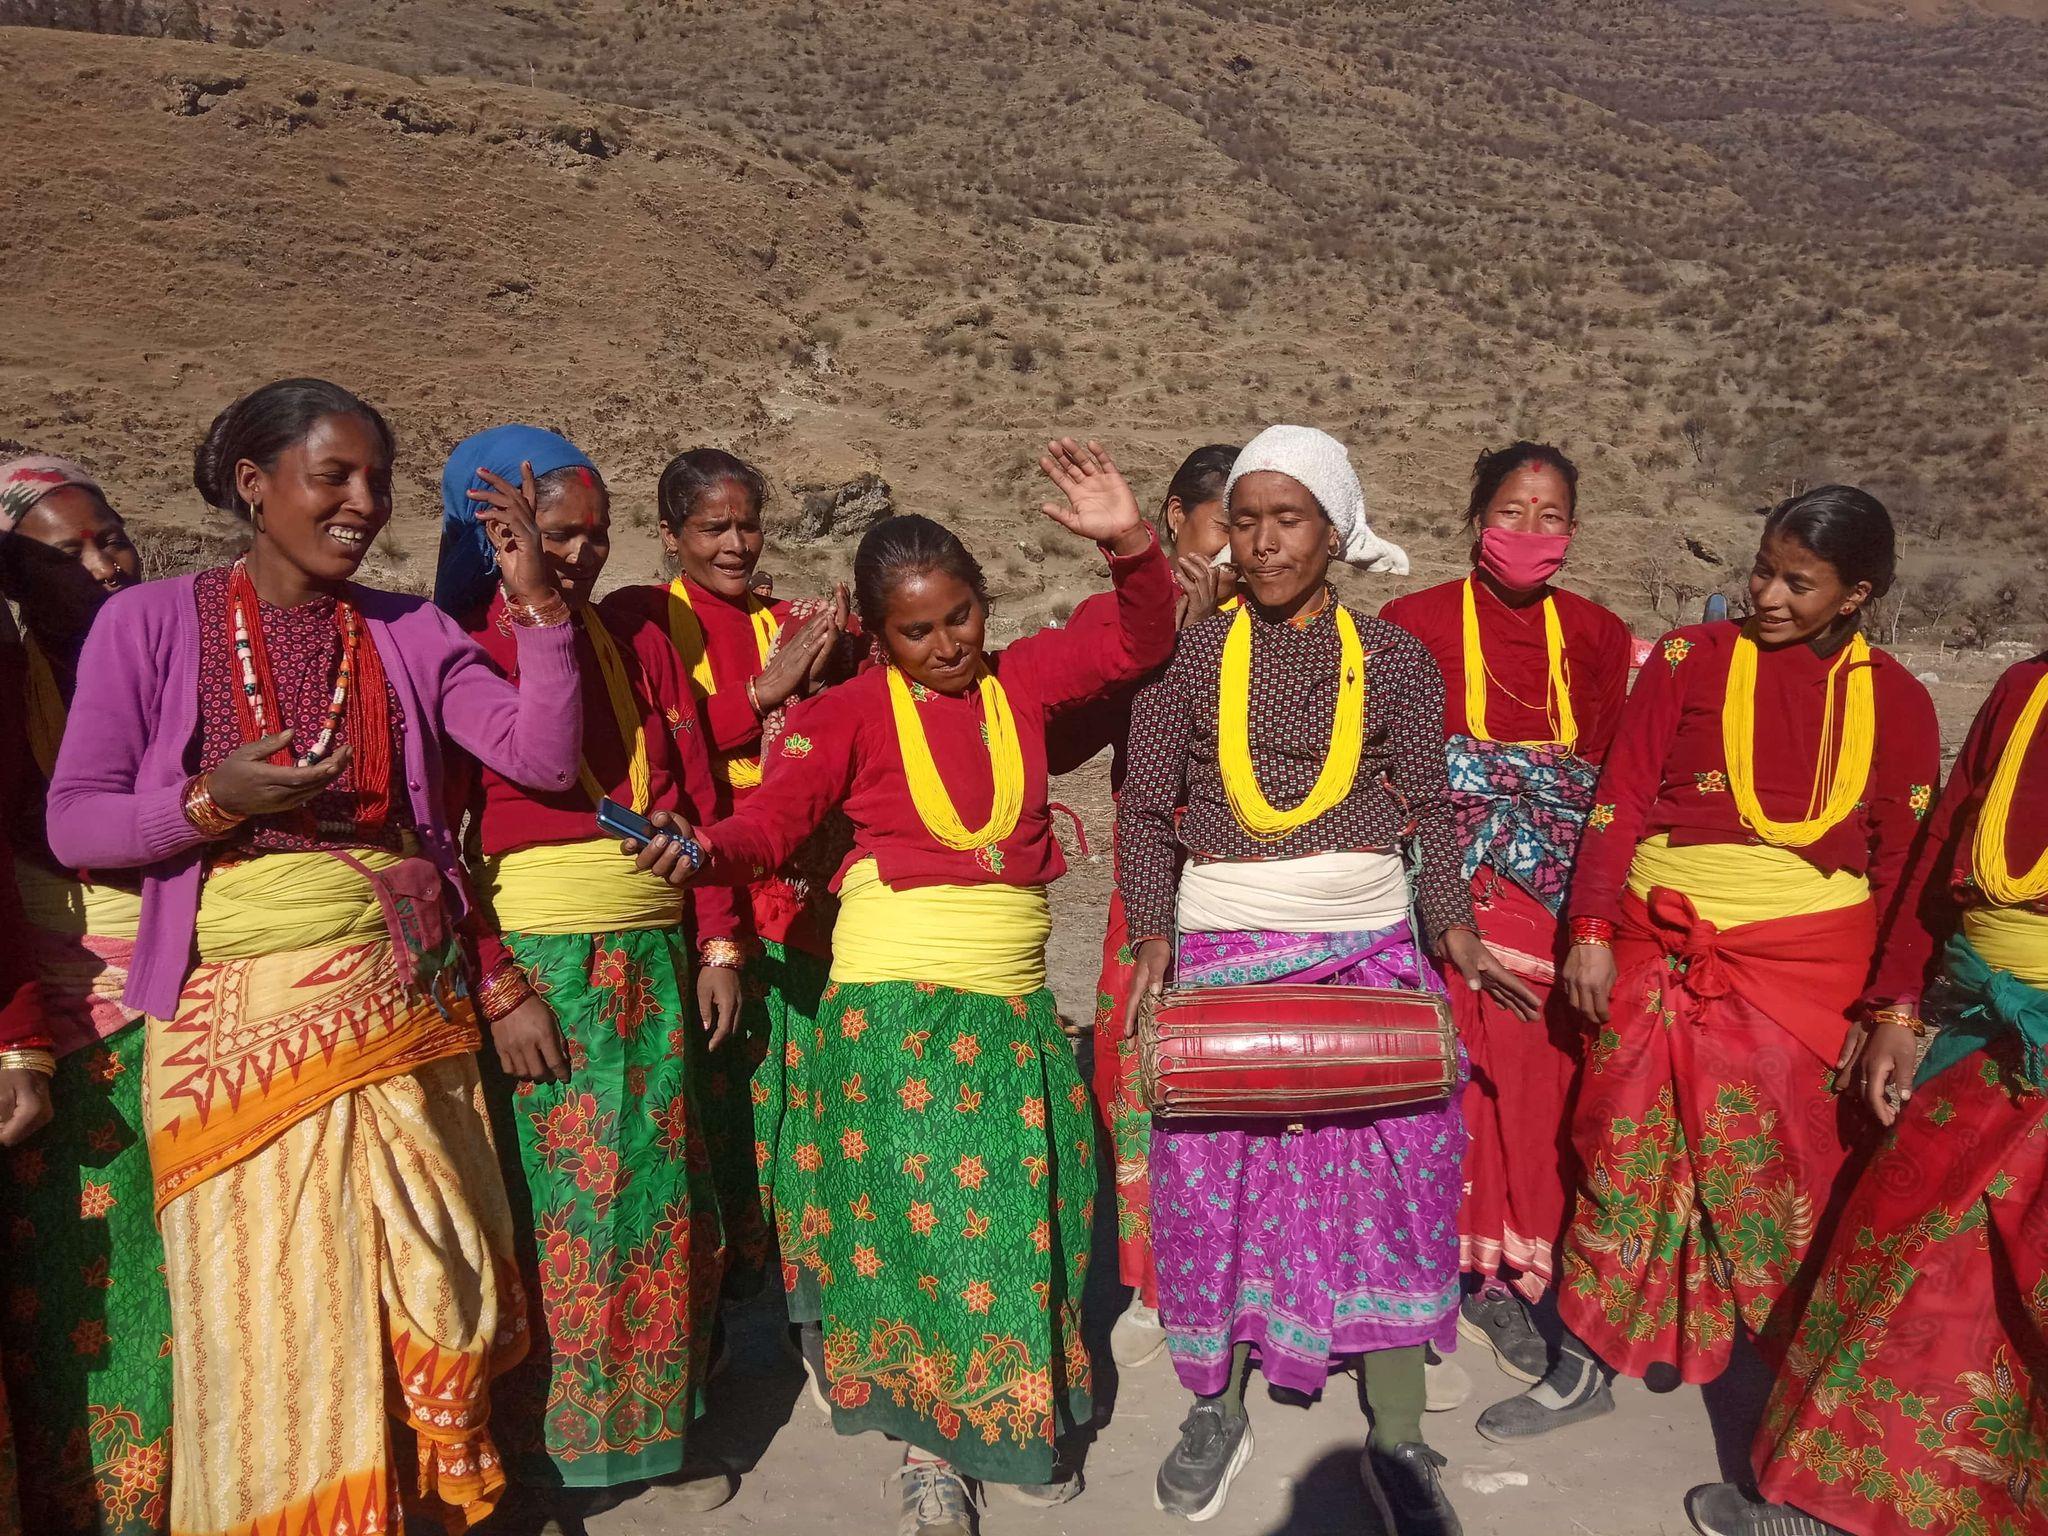 जुम्लाका महिलाले गरे, देउडा गितबाटै ओलीको बिरोध (फोटो फिचर)